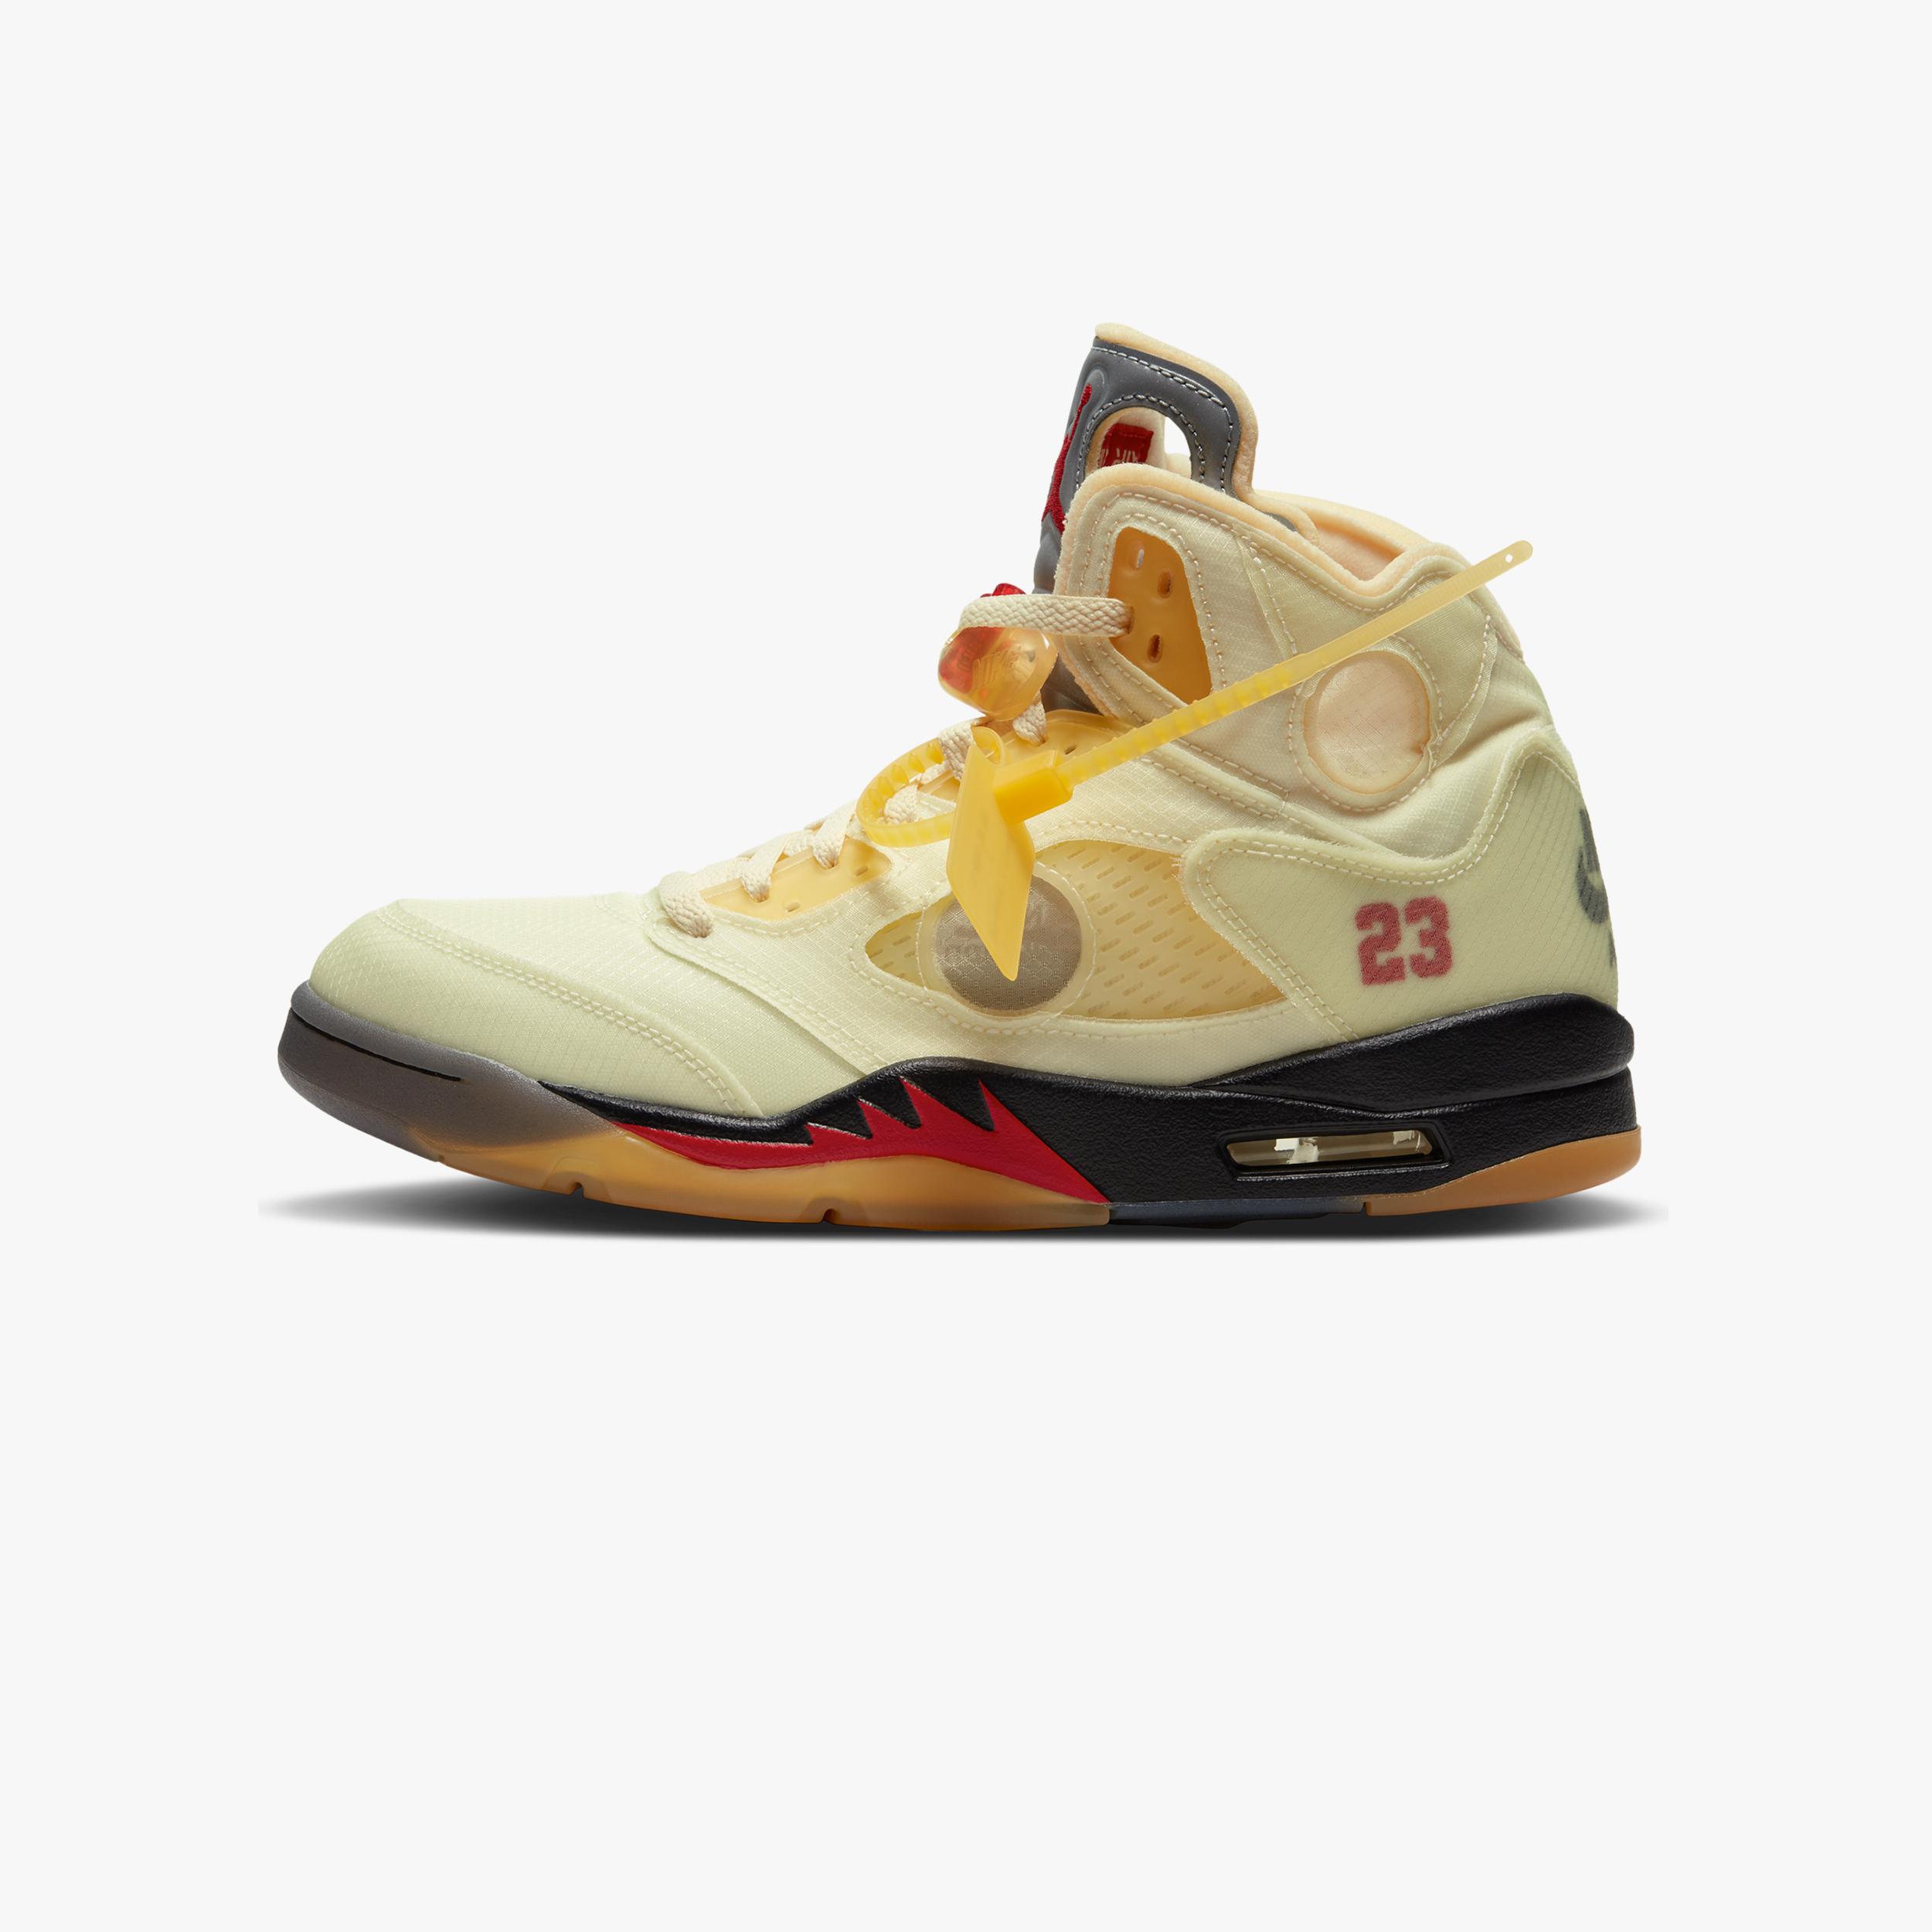 Jordan Brand Air Jordan 5 Retro SP x